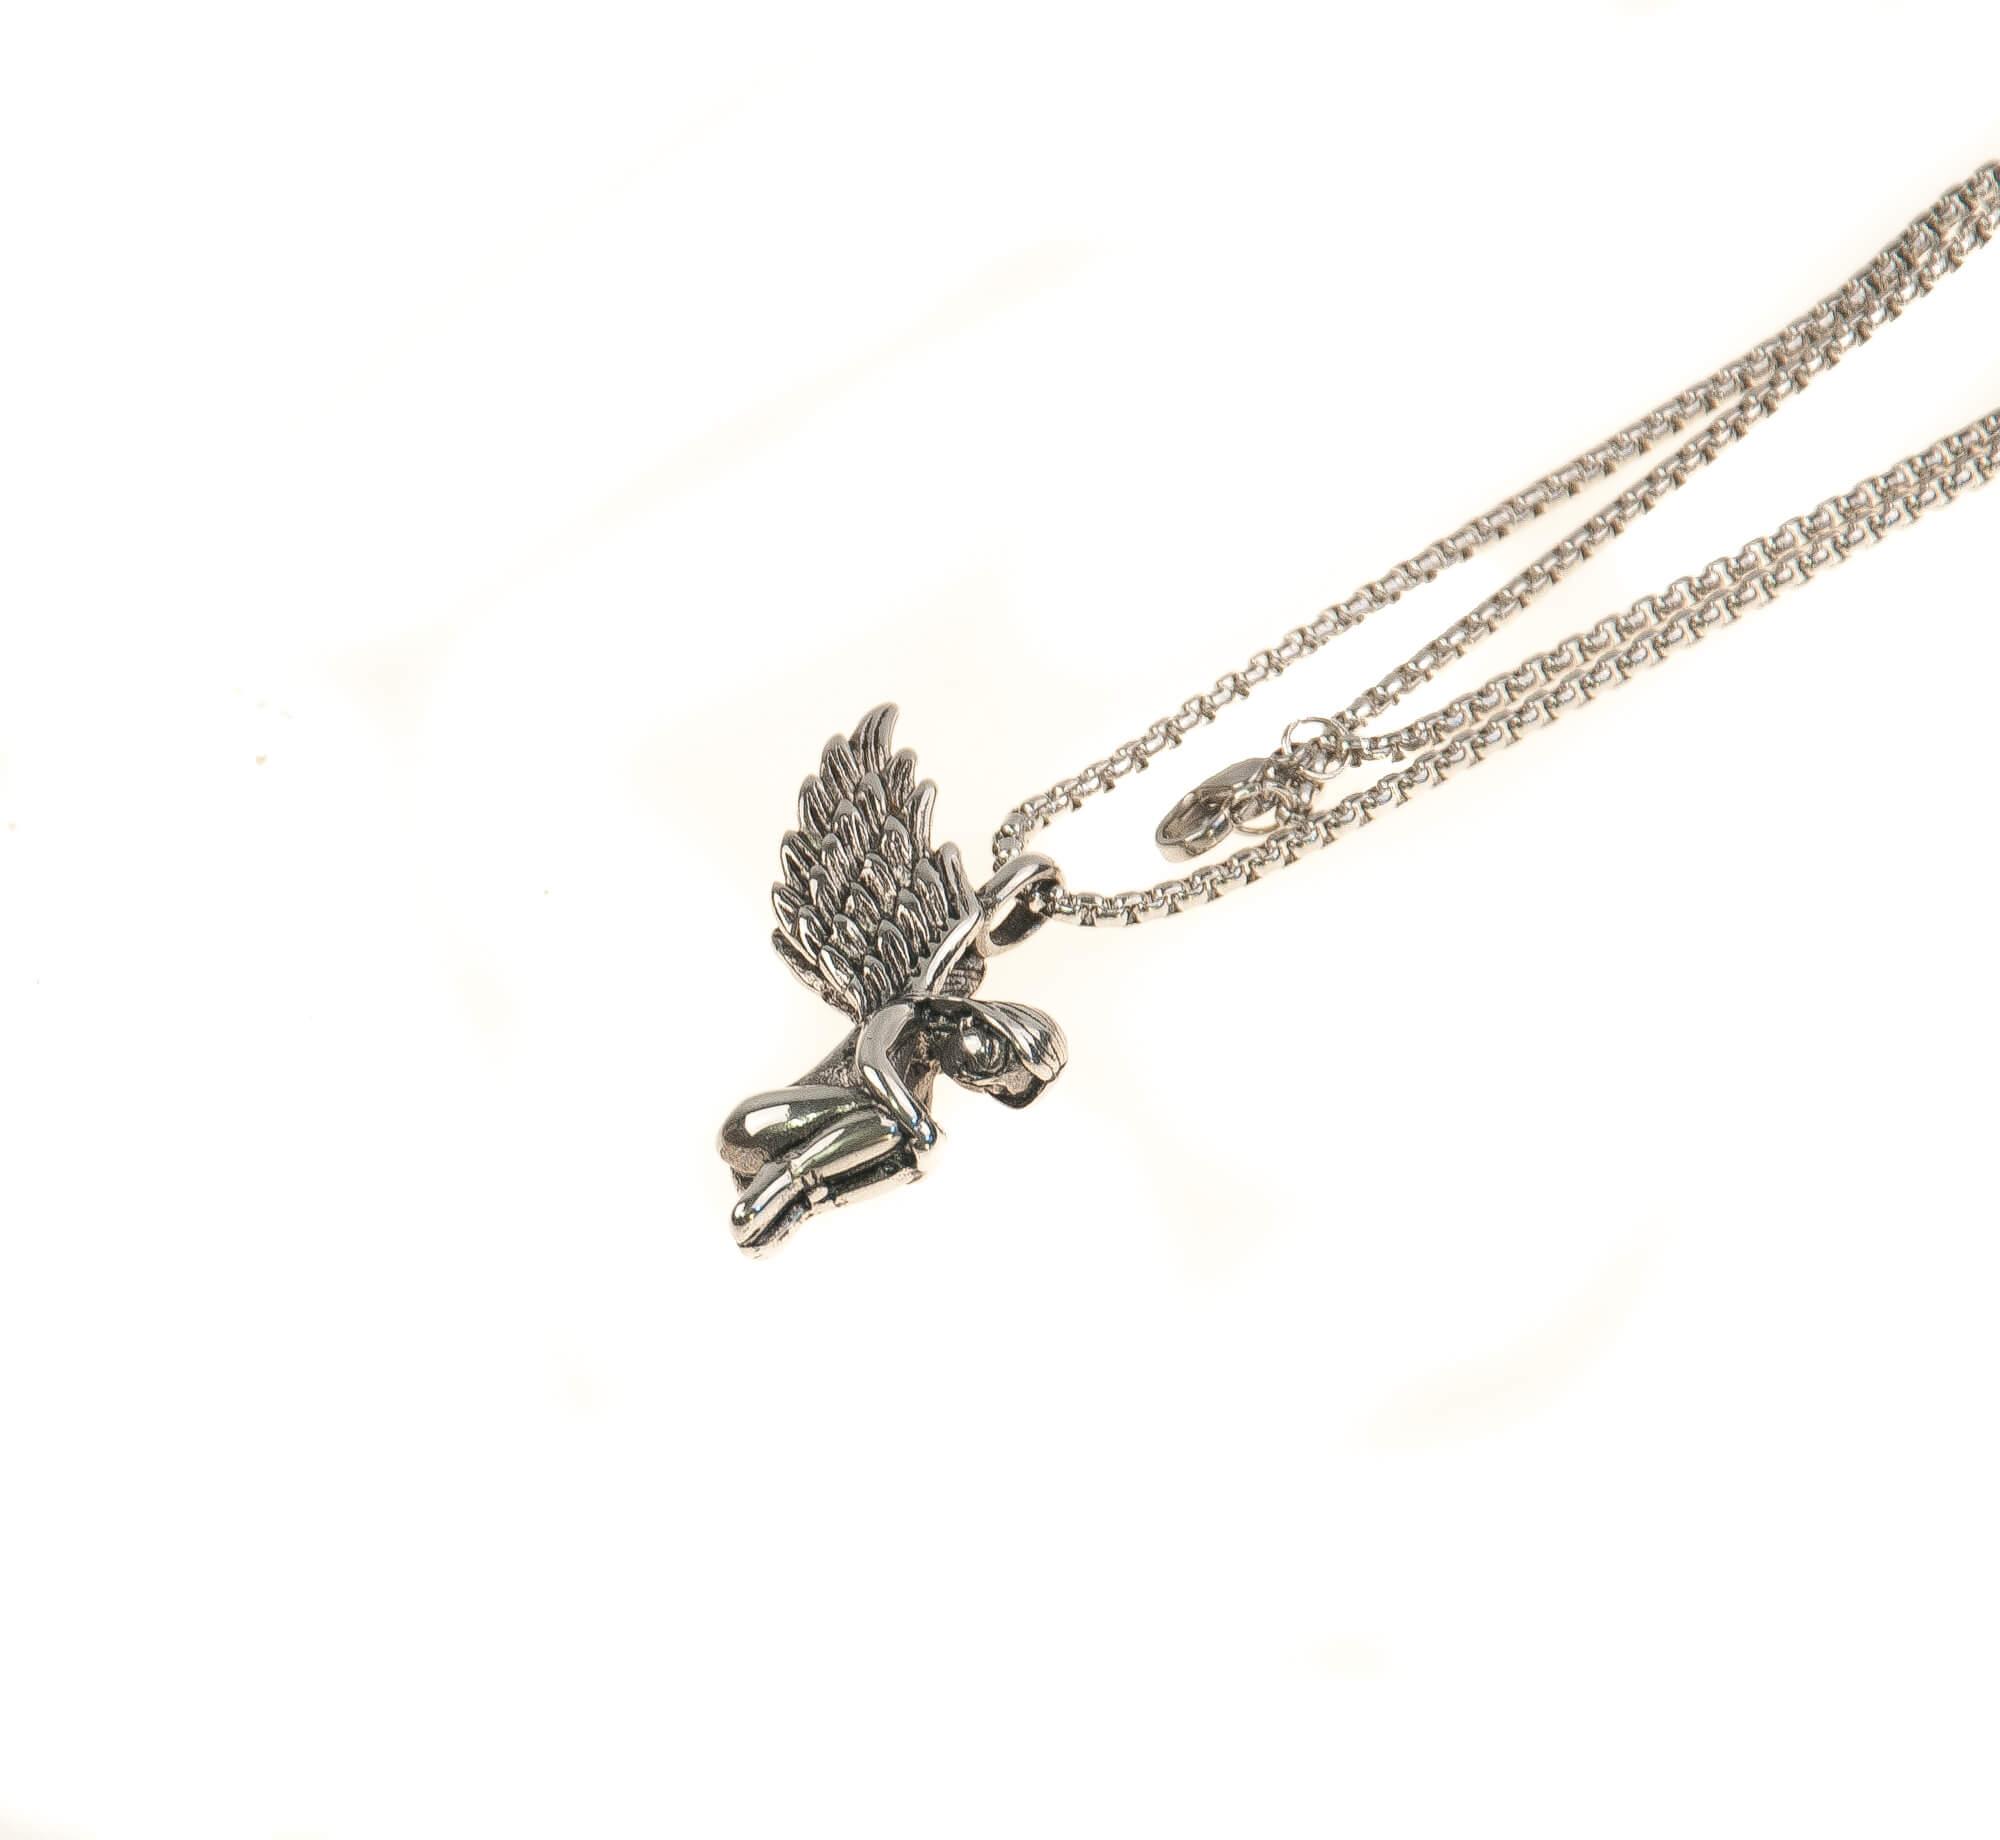 گردنبند استیل نقره ای با طرح فرشته نشسته NM1028